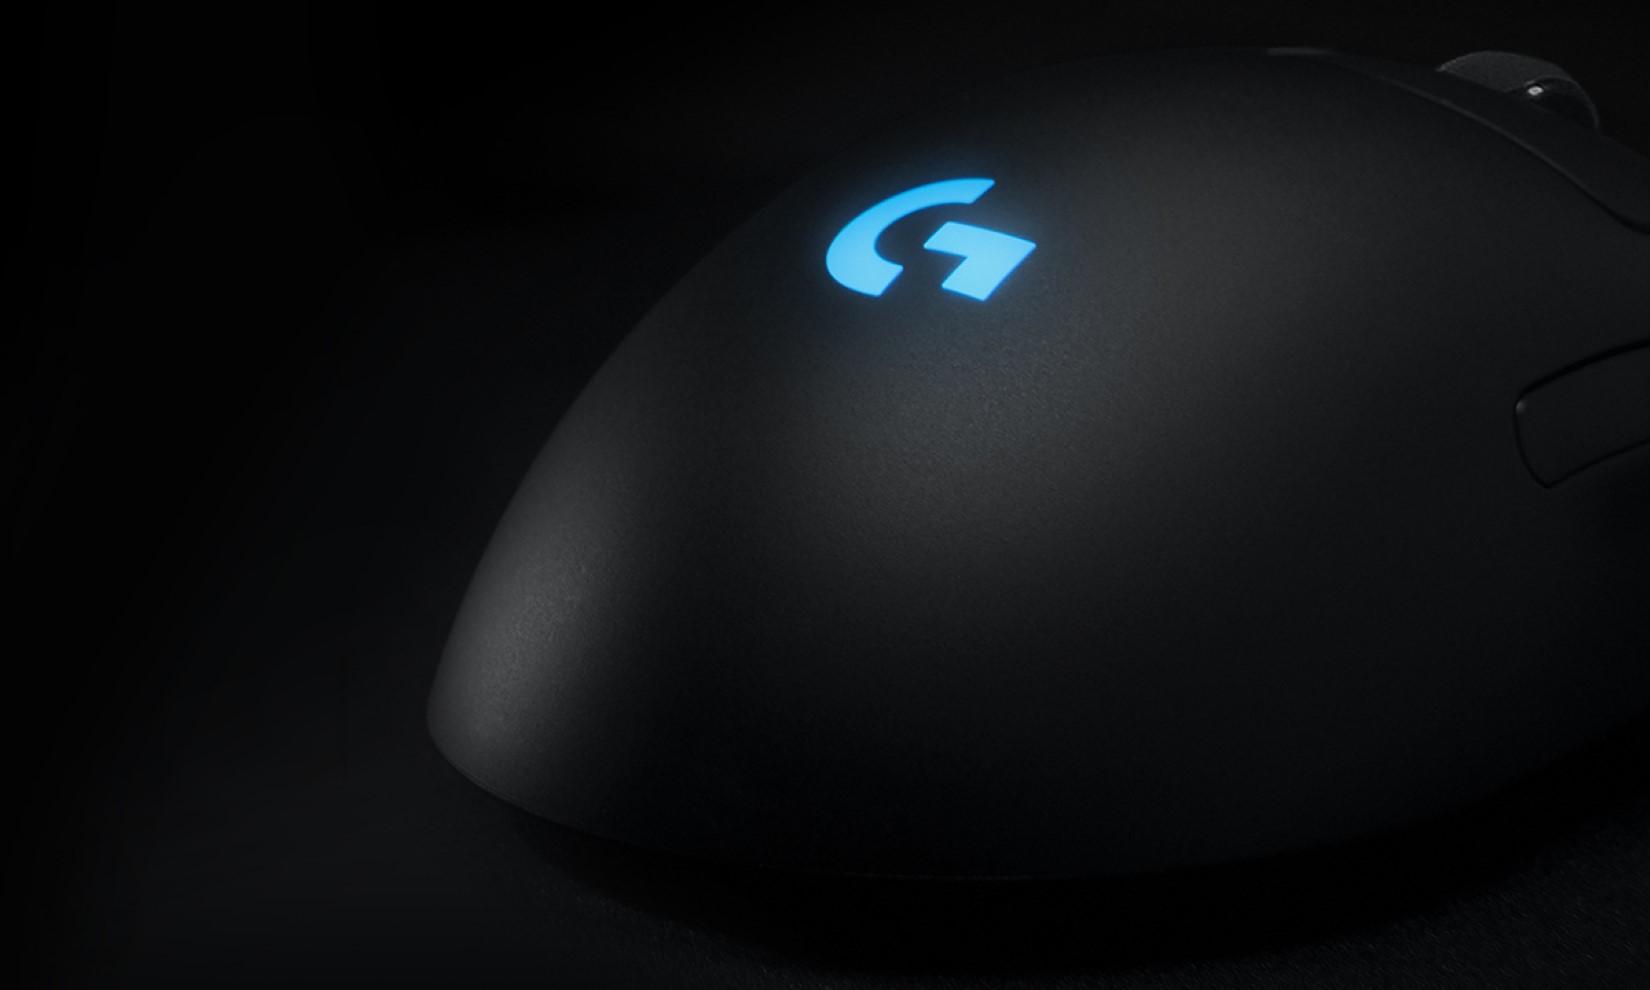 Chuột chơi game Logitech G Pro Wireless Gaming trang bị led có tính năng Lightsync tương thích với cả thiết bị Logitech khác